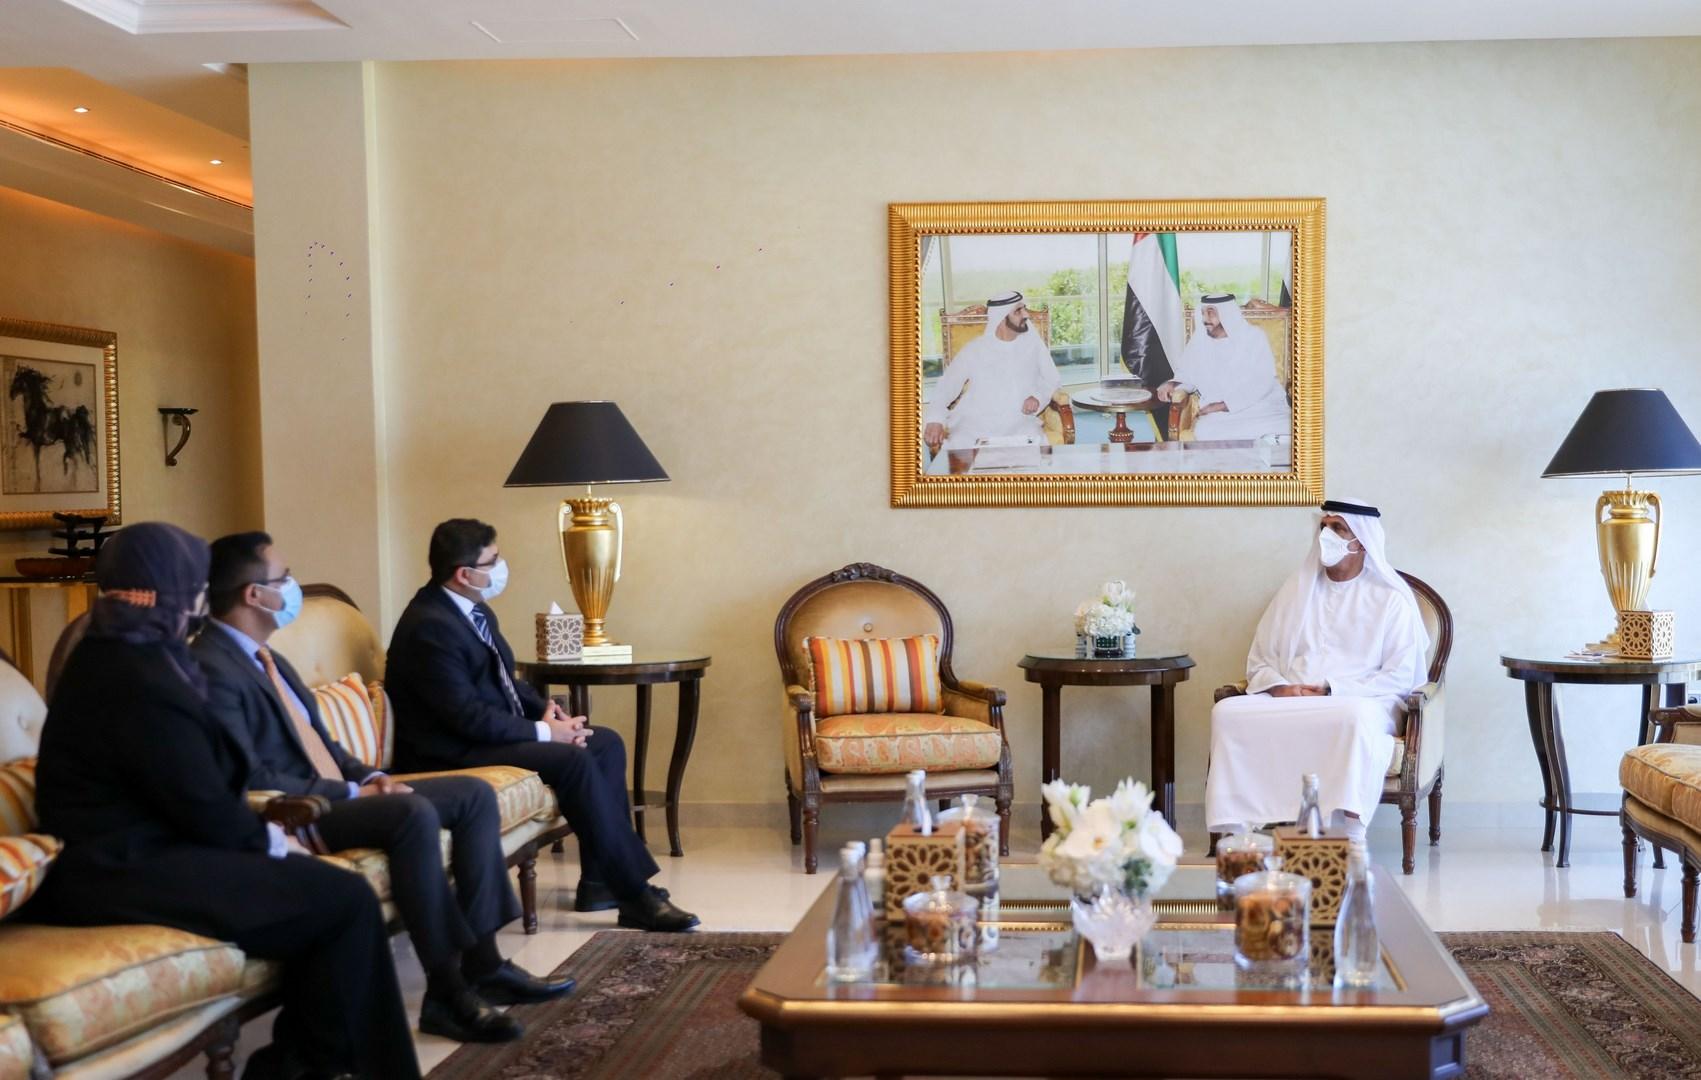 حاكم رأس الخيمة يستقبل القنصل الباكستاني ويشيد بعلاقات الصداقة بين البلدين